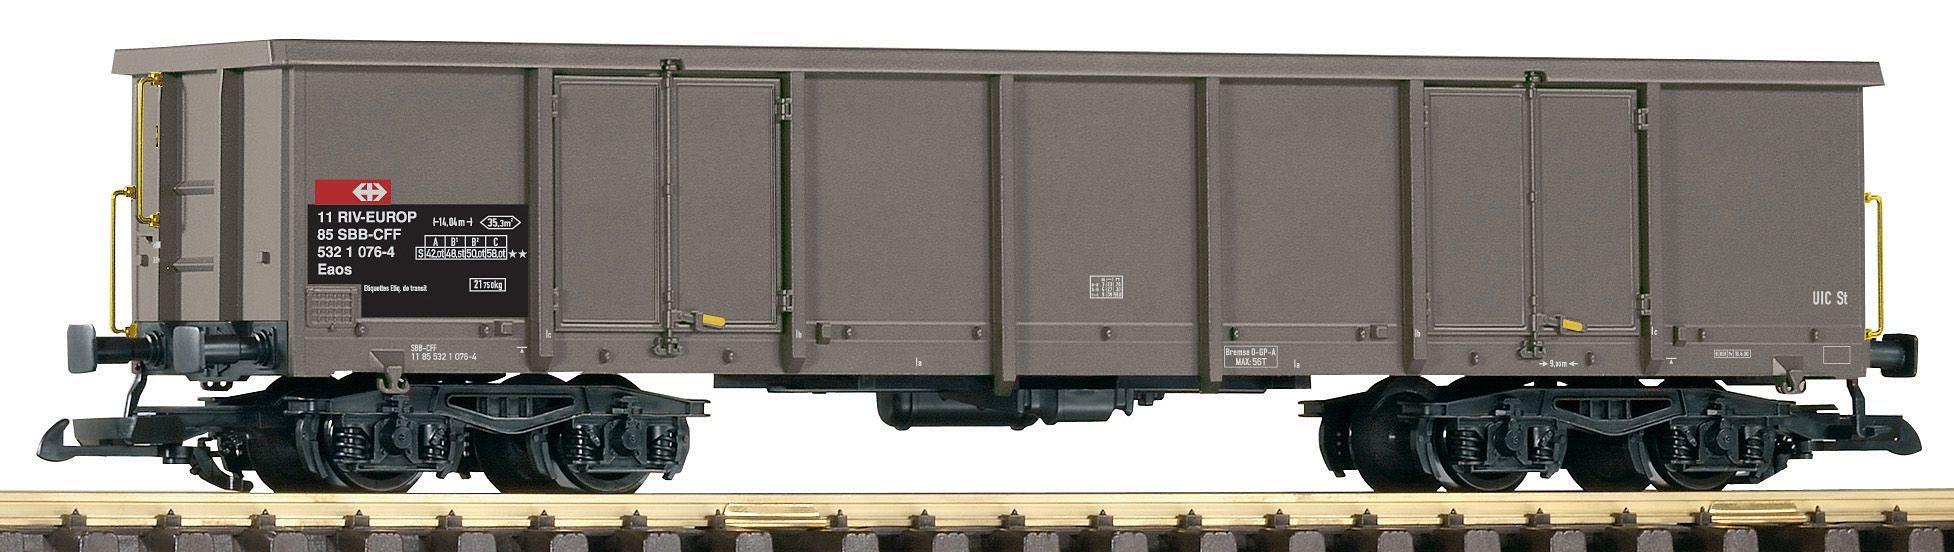 PIKO Güterwagen, Spur G, »Offener Drehgestellwagen Eaos 106, SBB - Gleichstrom«